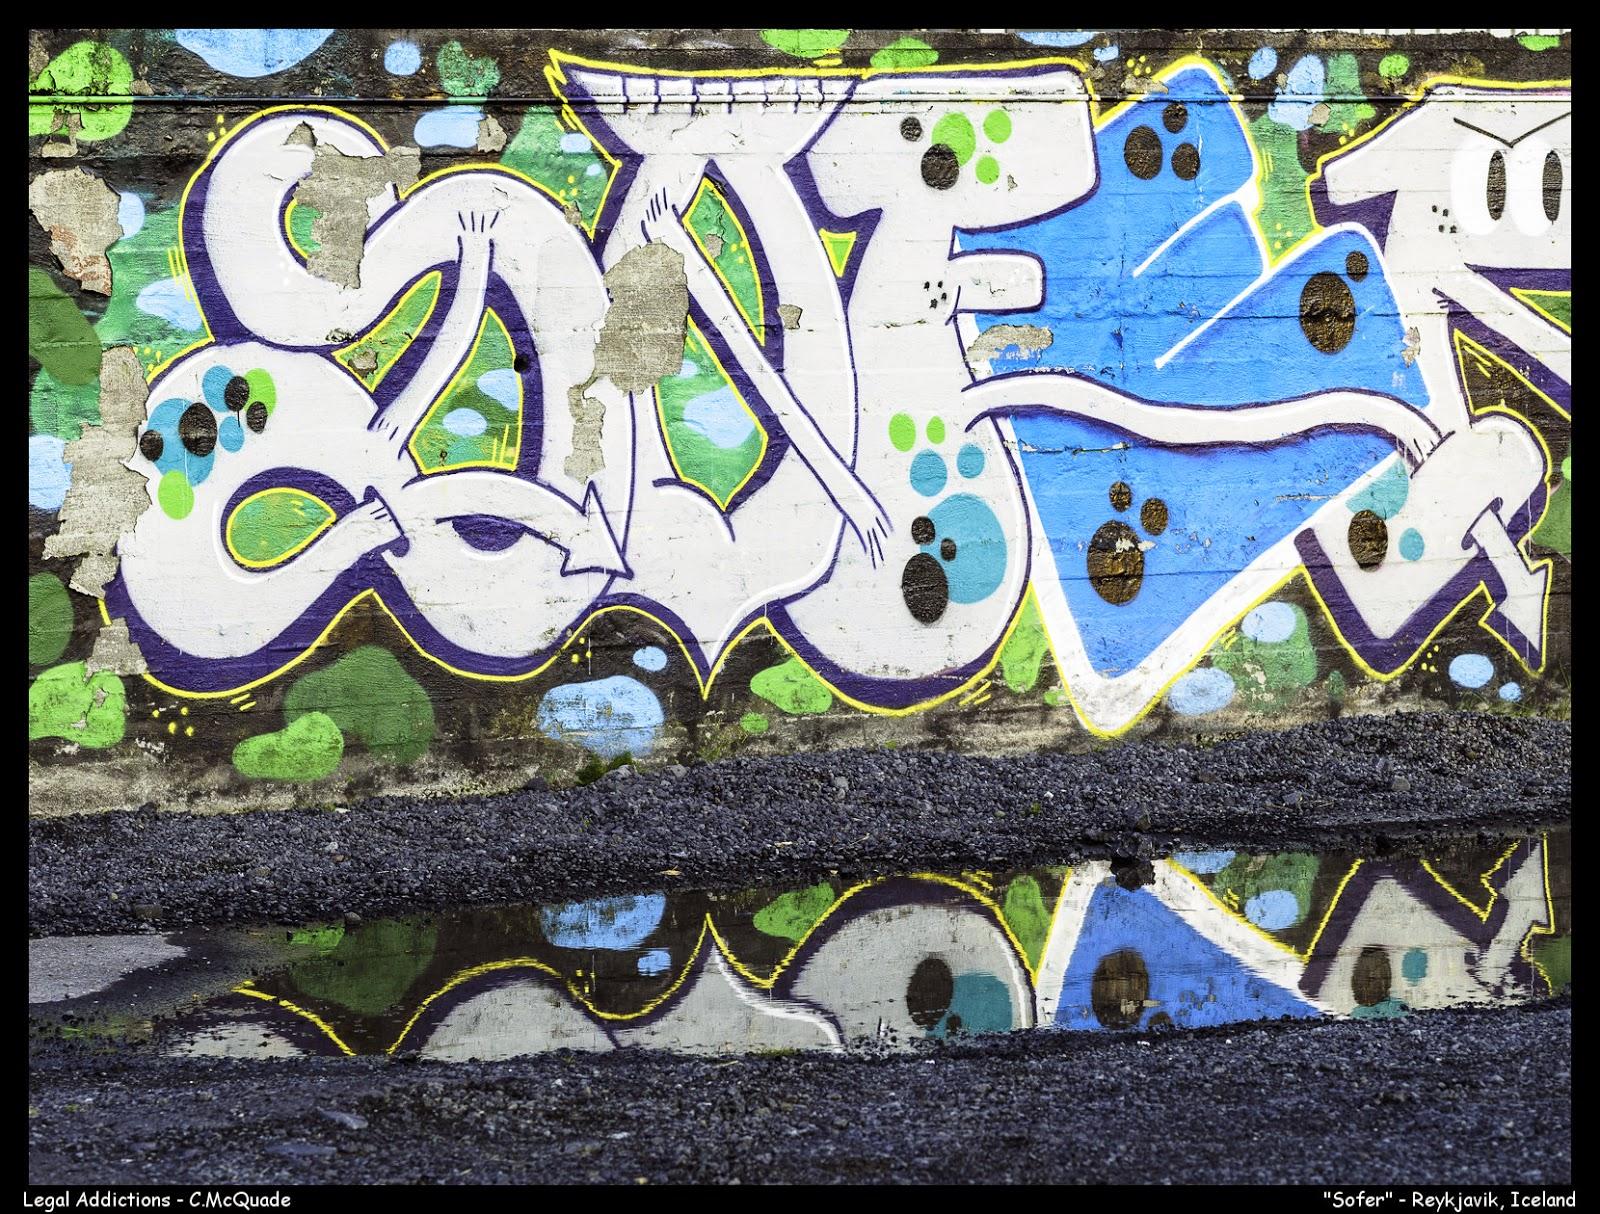 reykjavik%2Bgraffiti-20146429.jpg